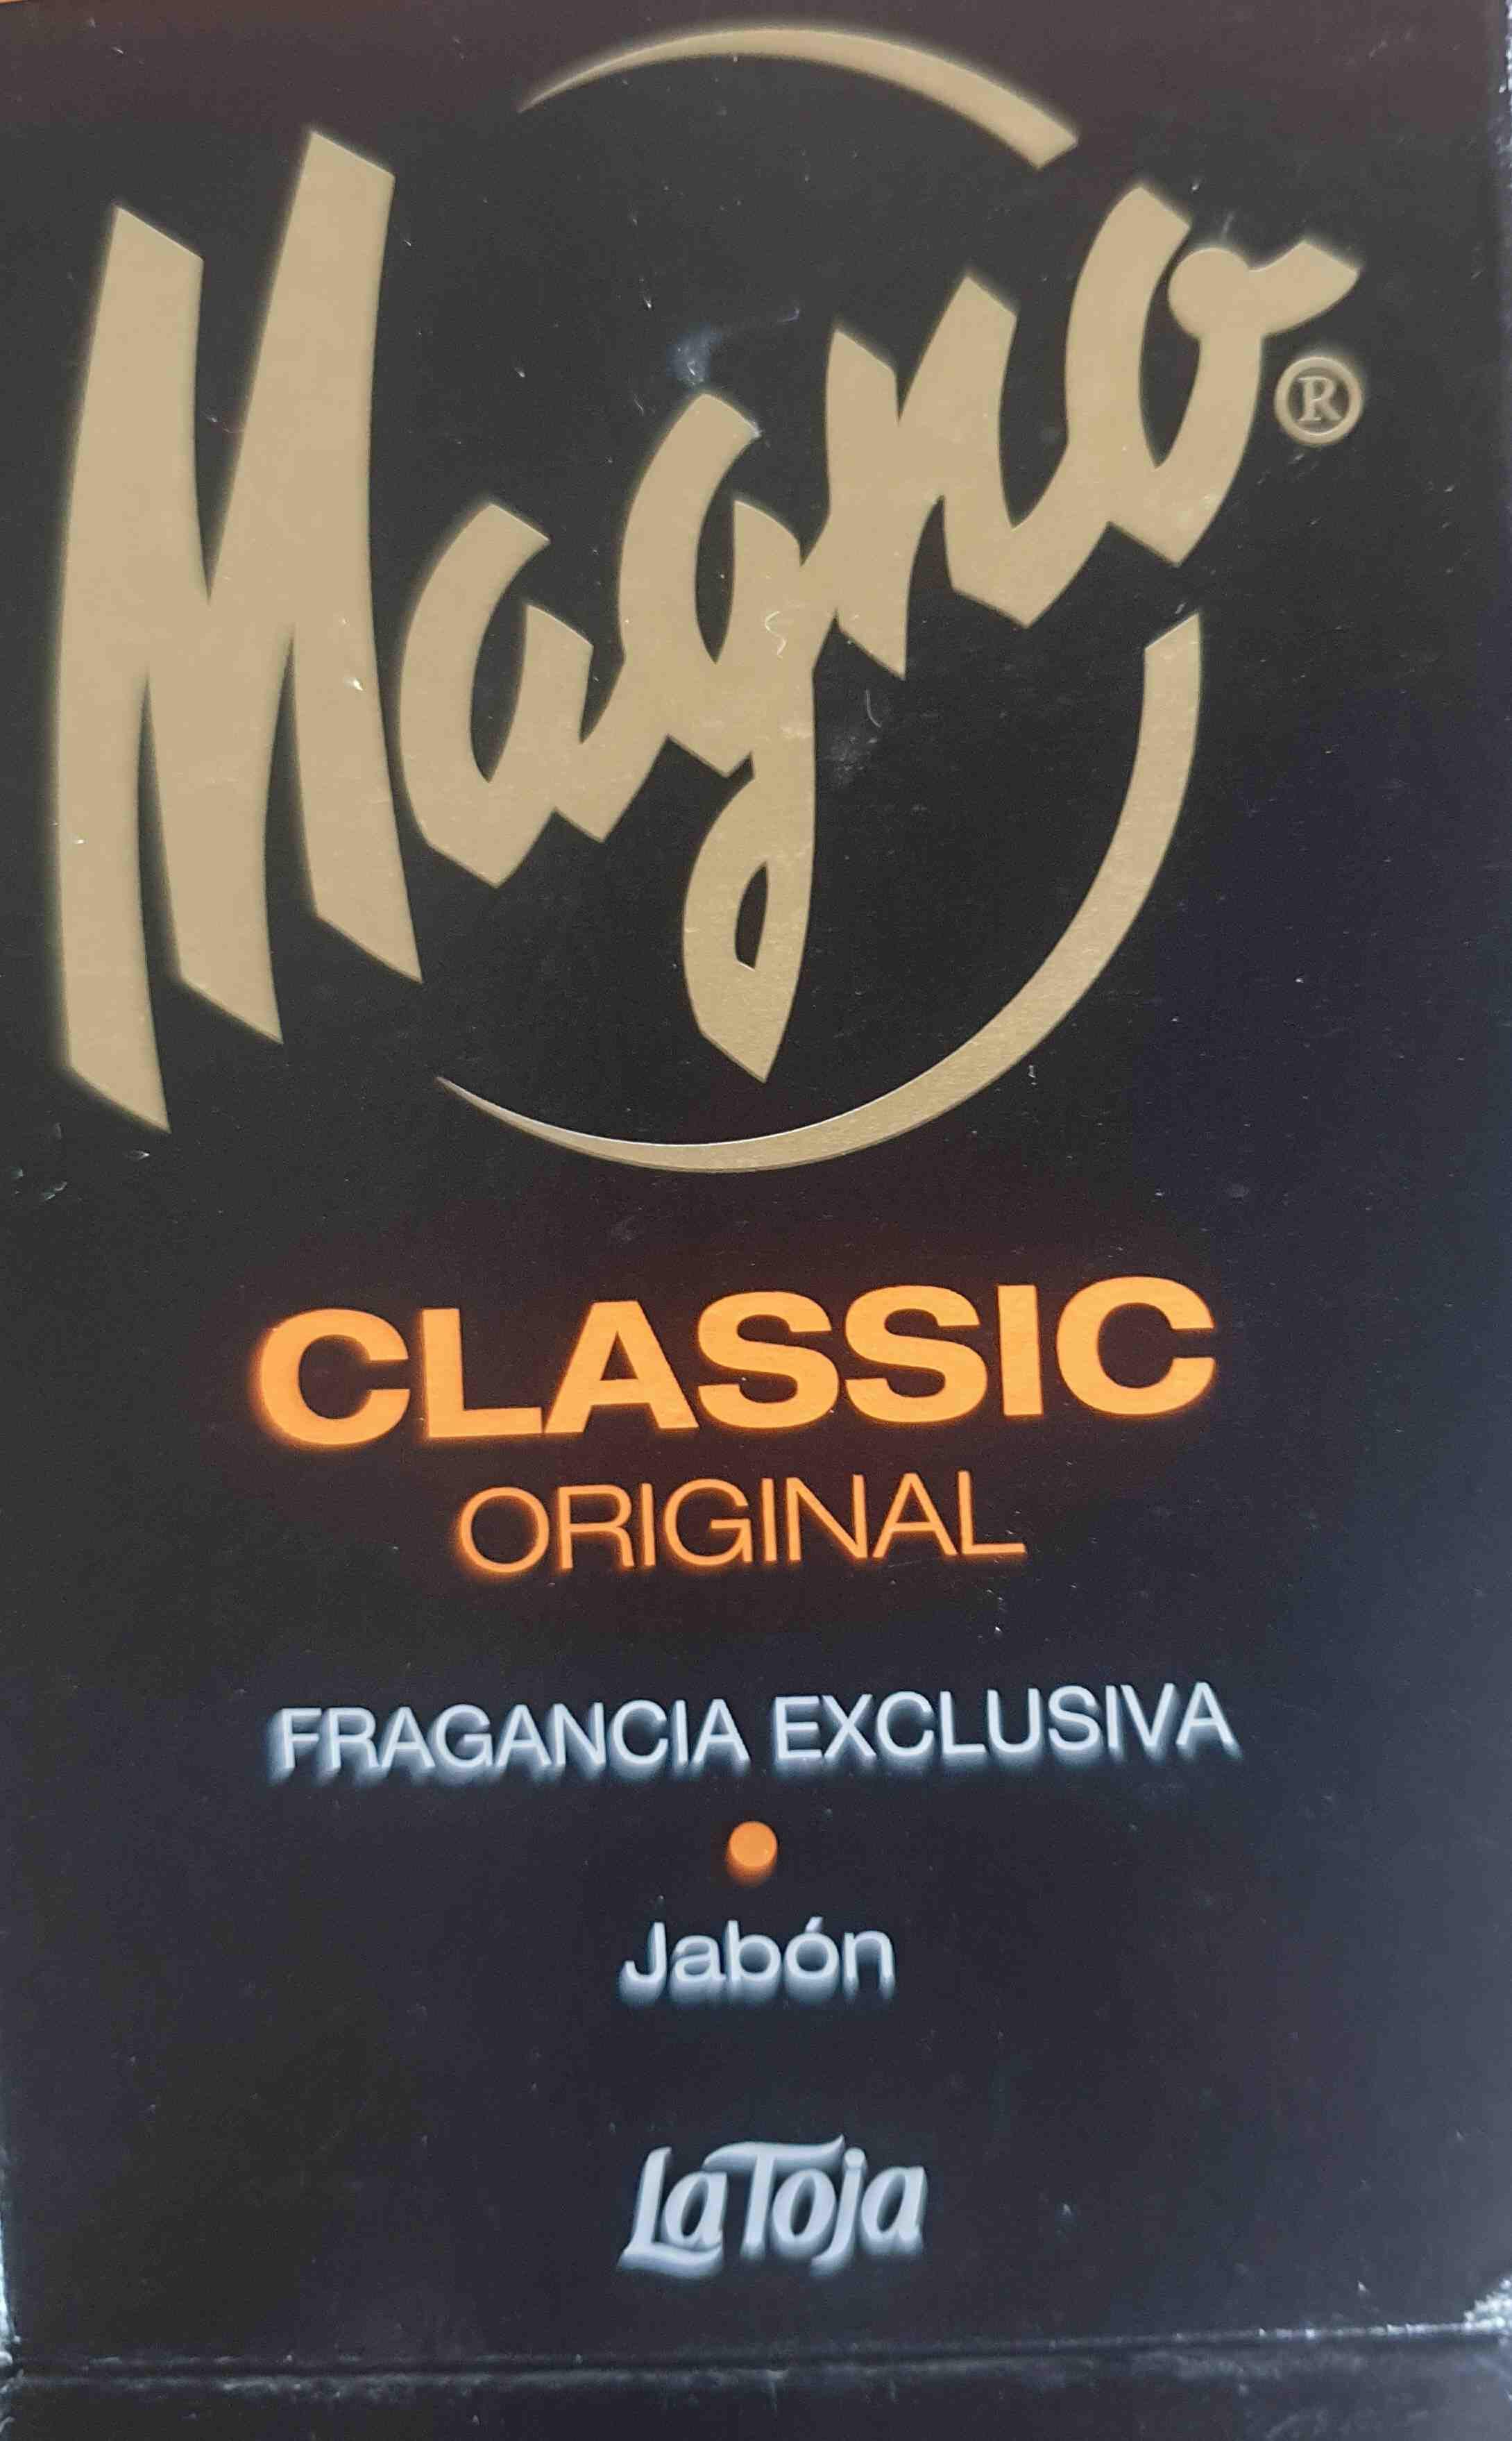 Magno Classic - Product - en